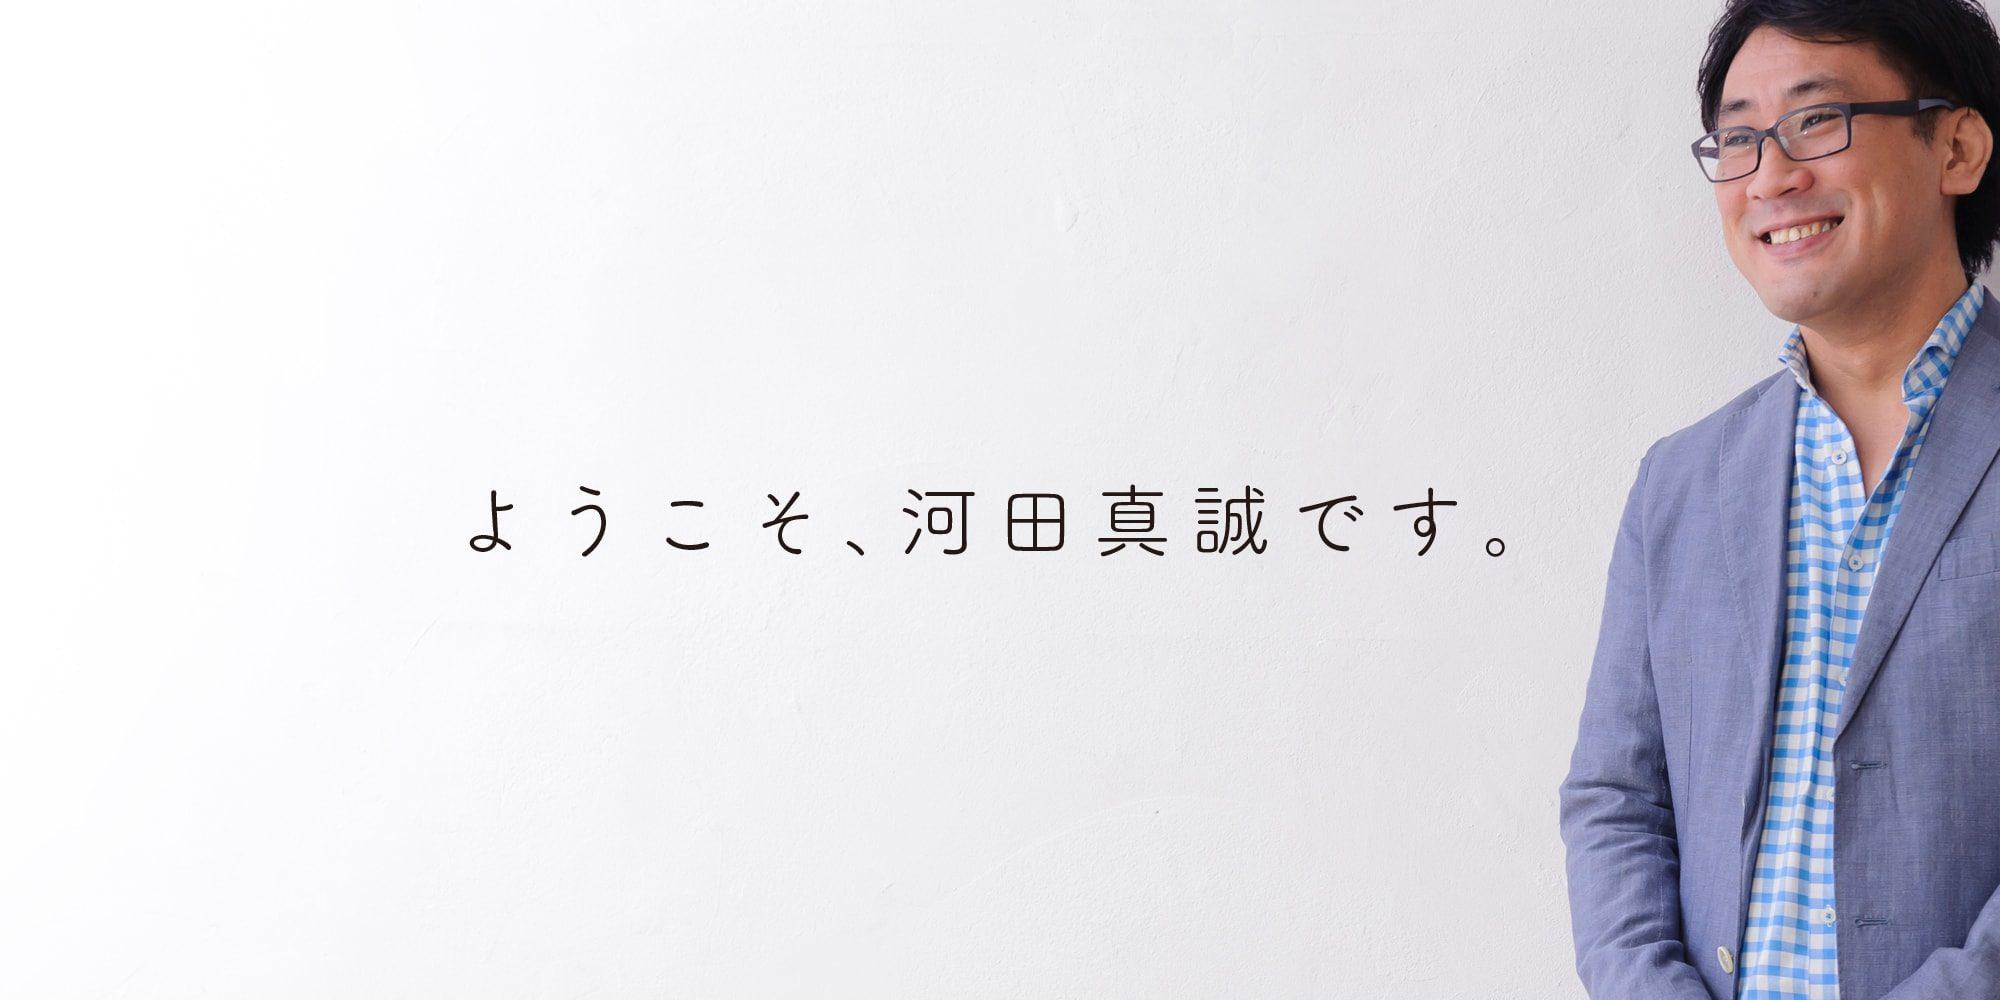 ようこそ、河田真誠です。